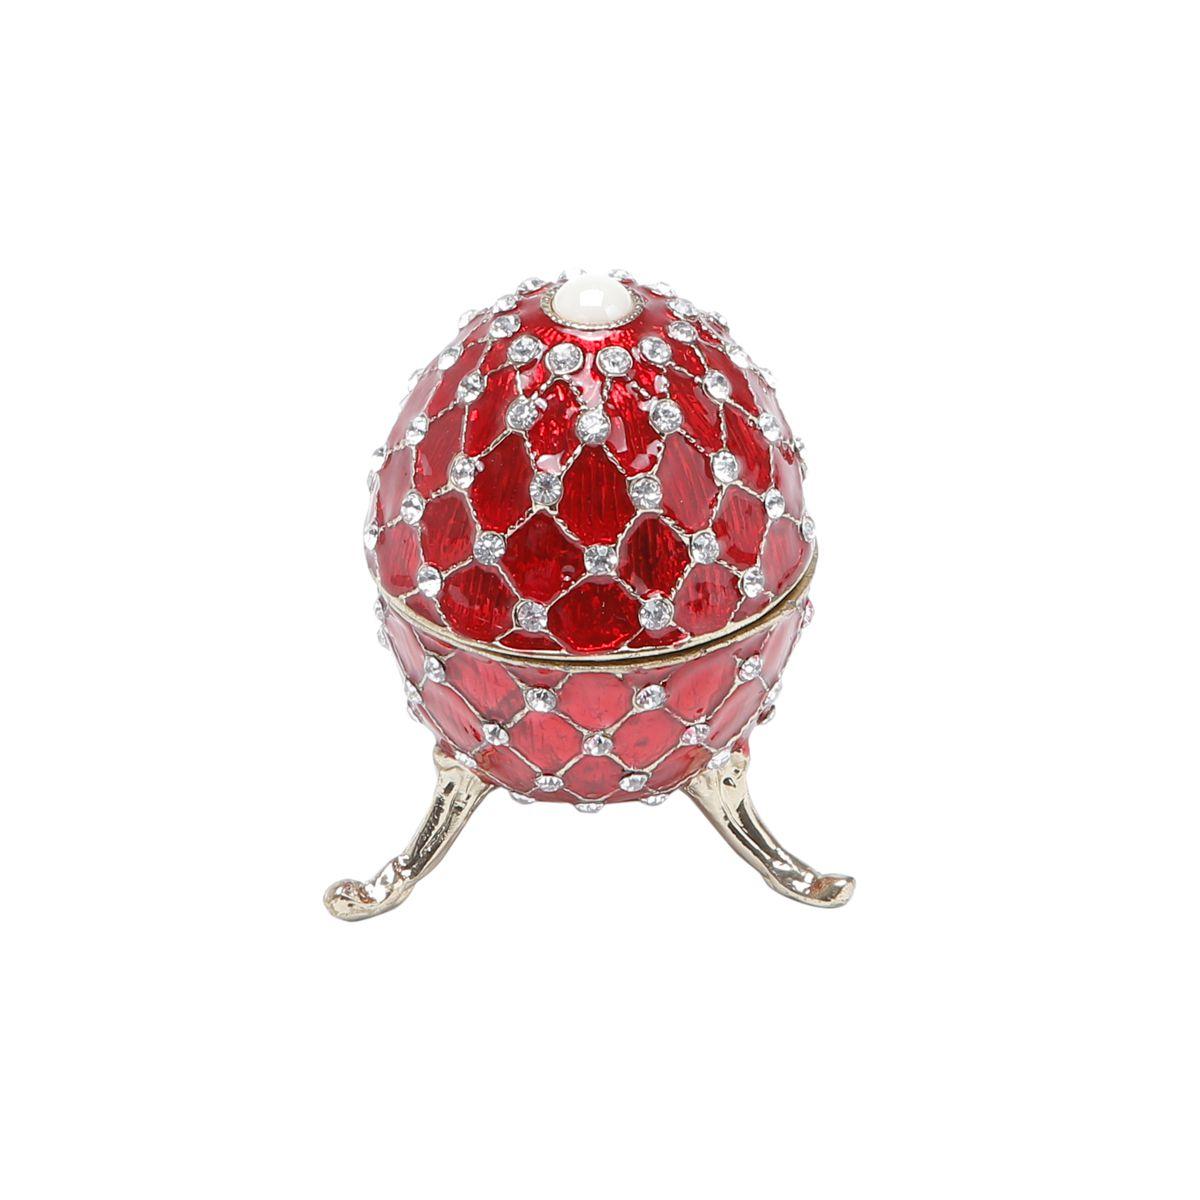 Porta Joias Zamac Oval Faberge 10x6x6cm